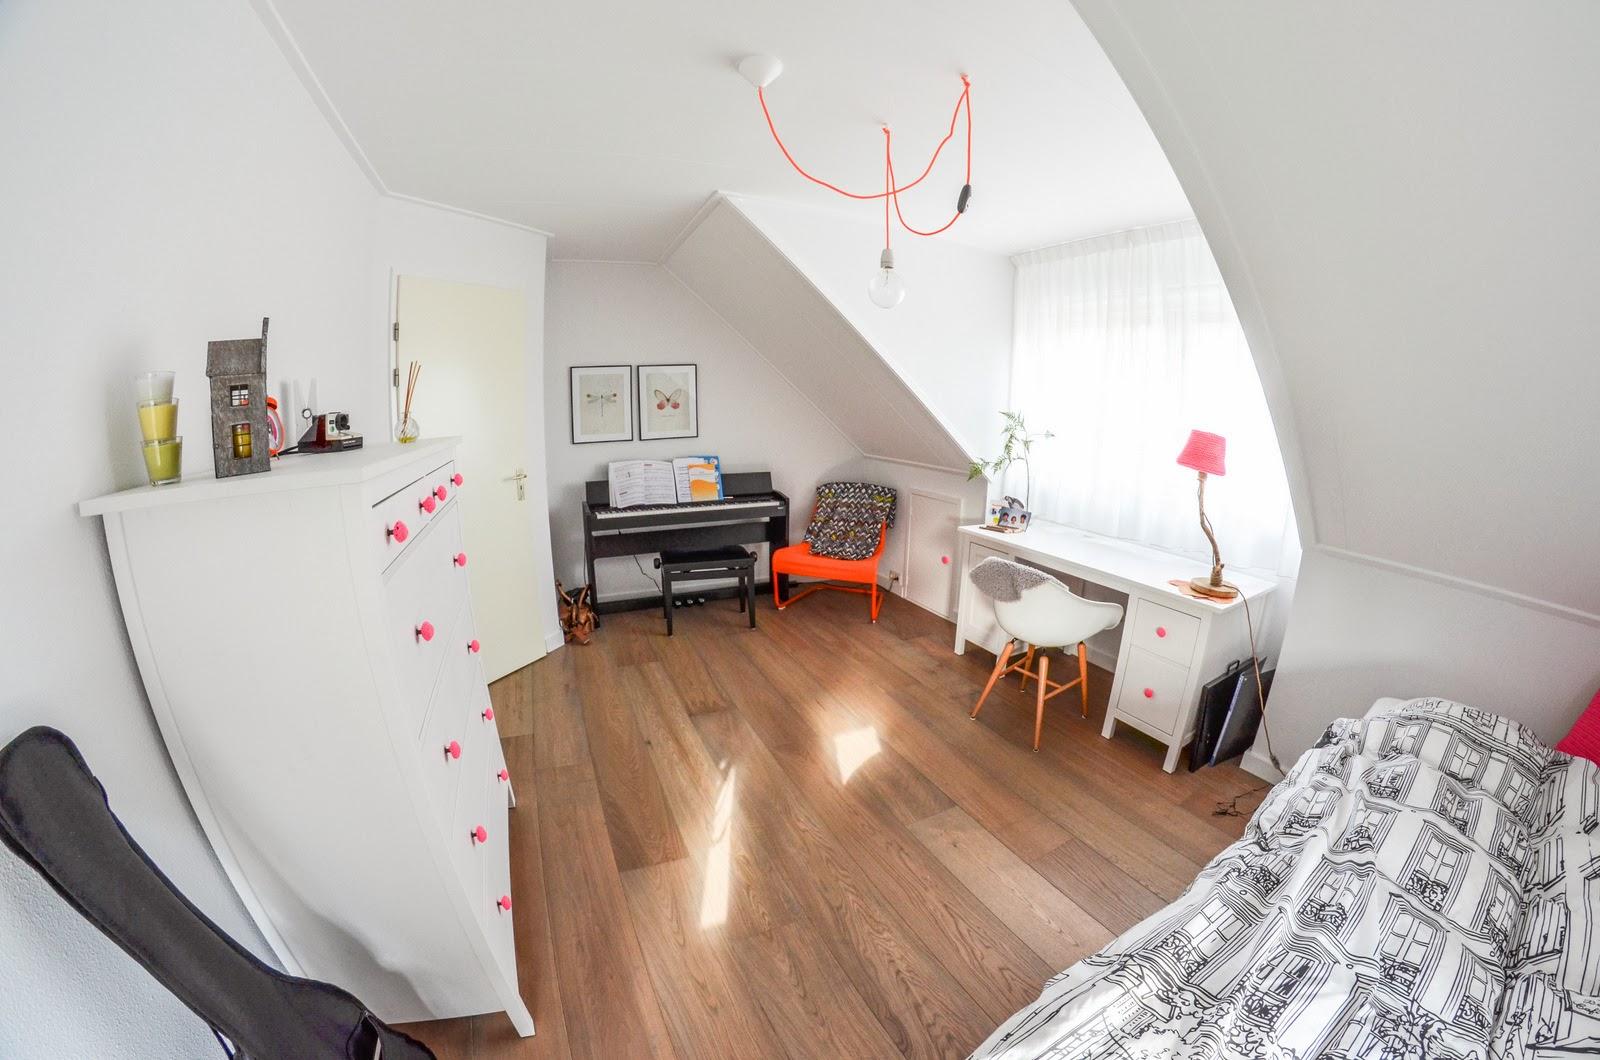 Greenfieldgirls: bedroom diy   foto's van mijn eigen slaapkamer